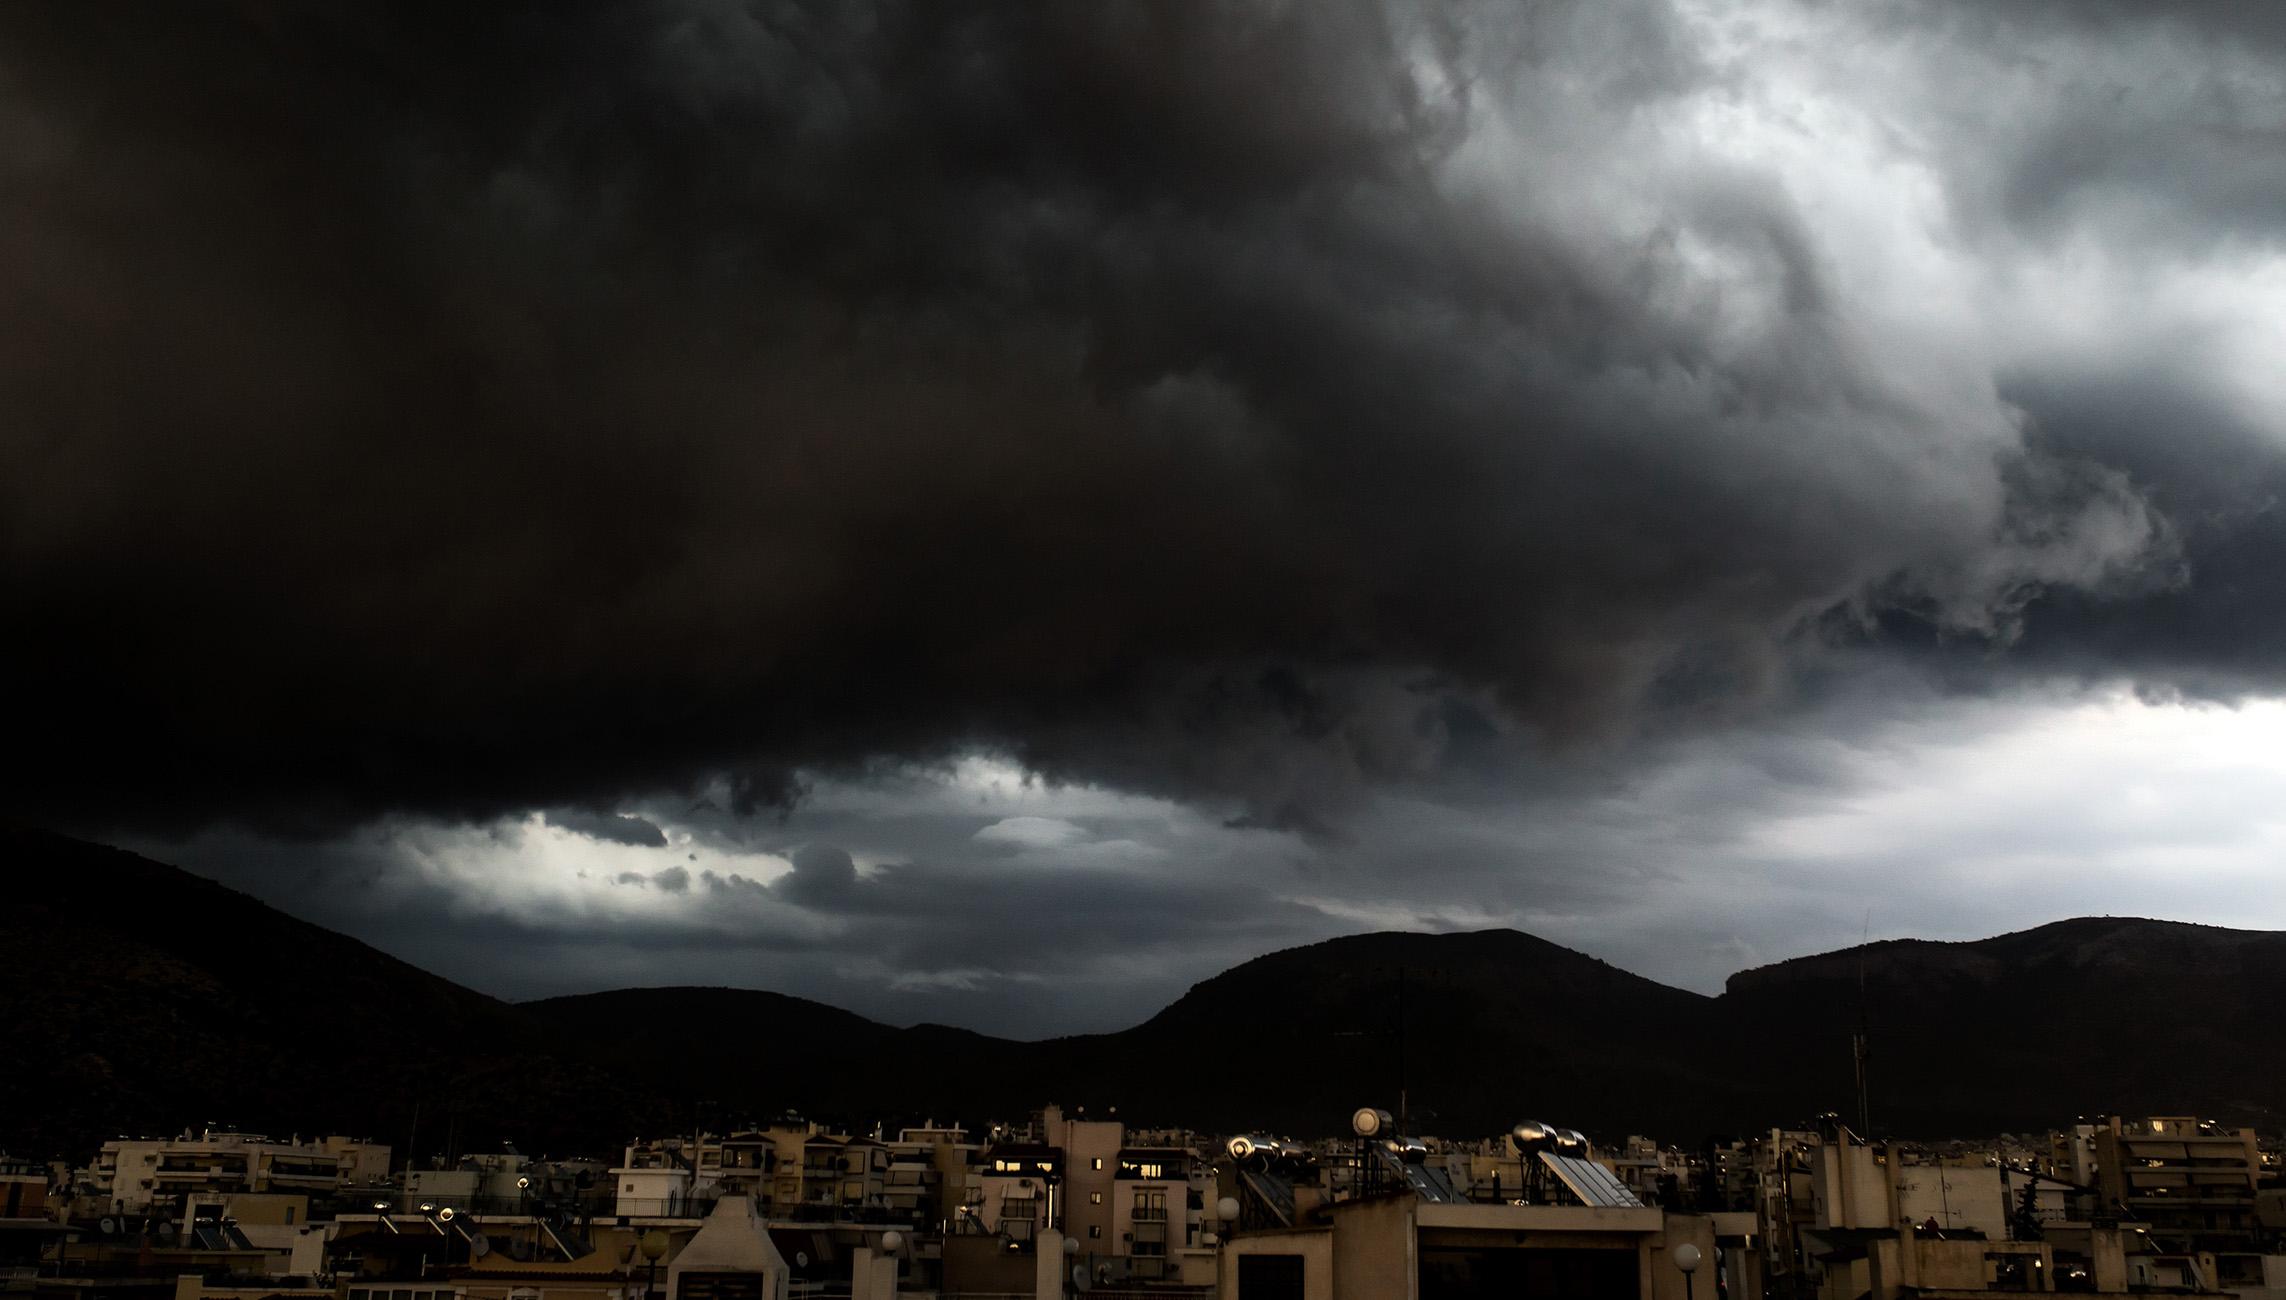 Καιρός – meteo: Καταιγίδες, χιόνια και ισχυροί άνεμοι το Σάββατο